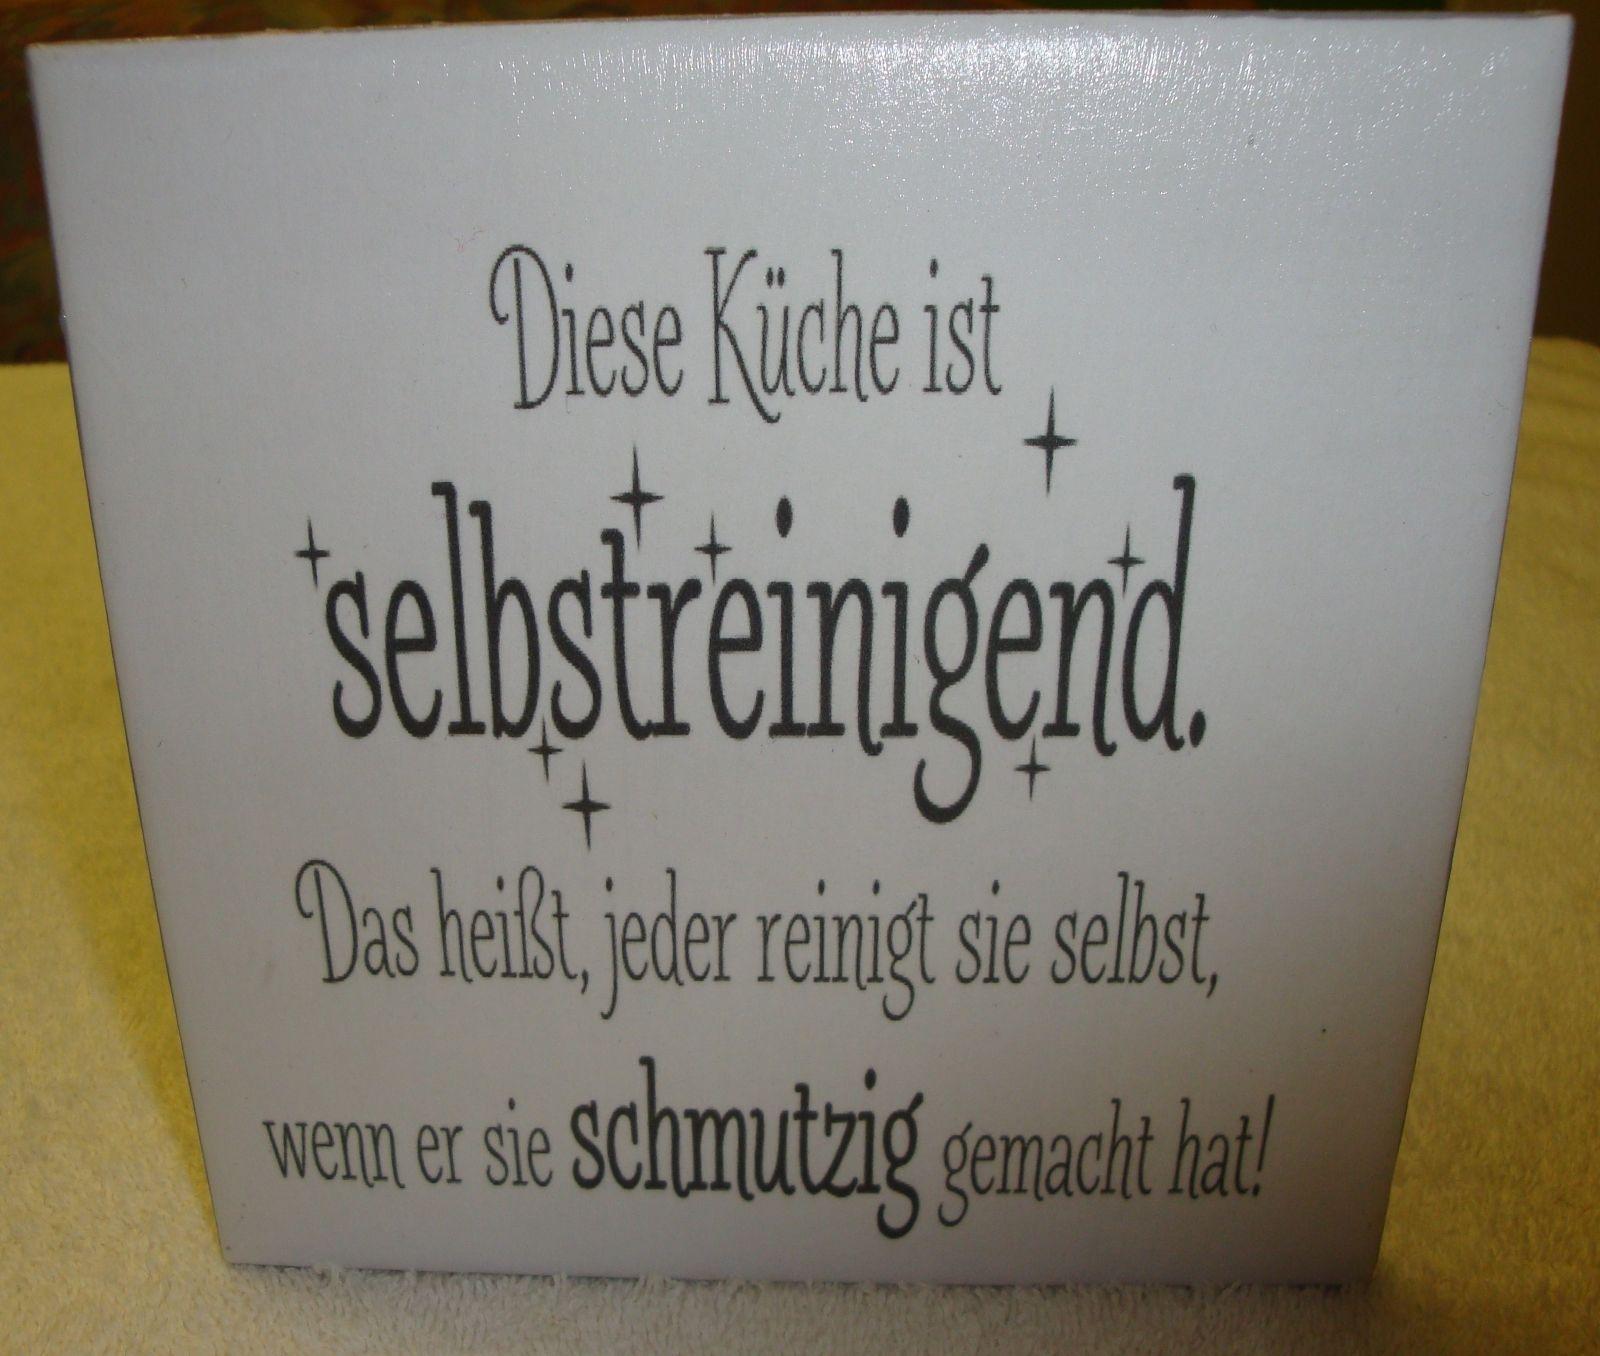 Pin Von Marianne Hochrieser Auf Sp Spruch Kuche Spruche Und Witzige Spruche